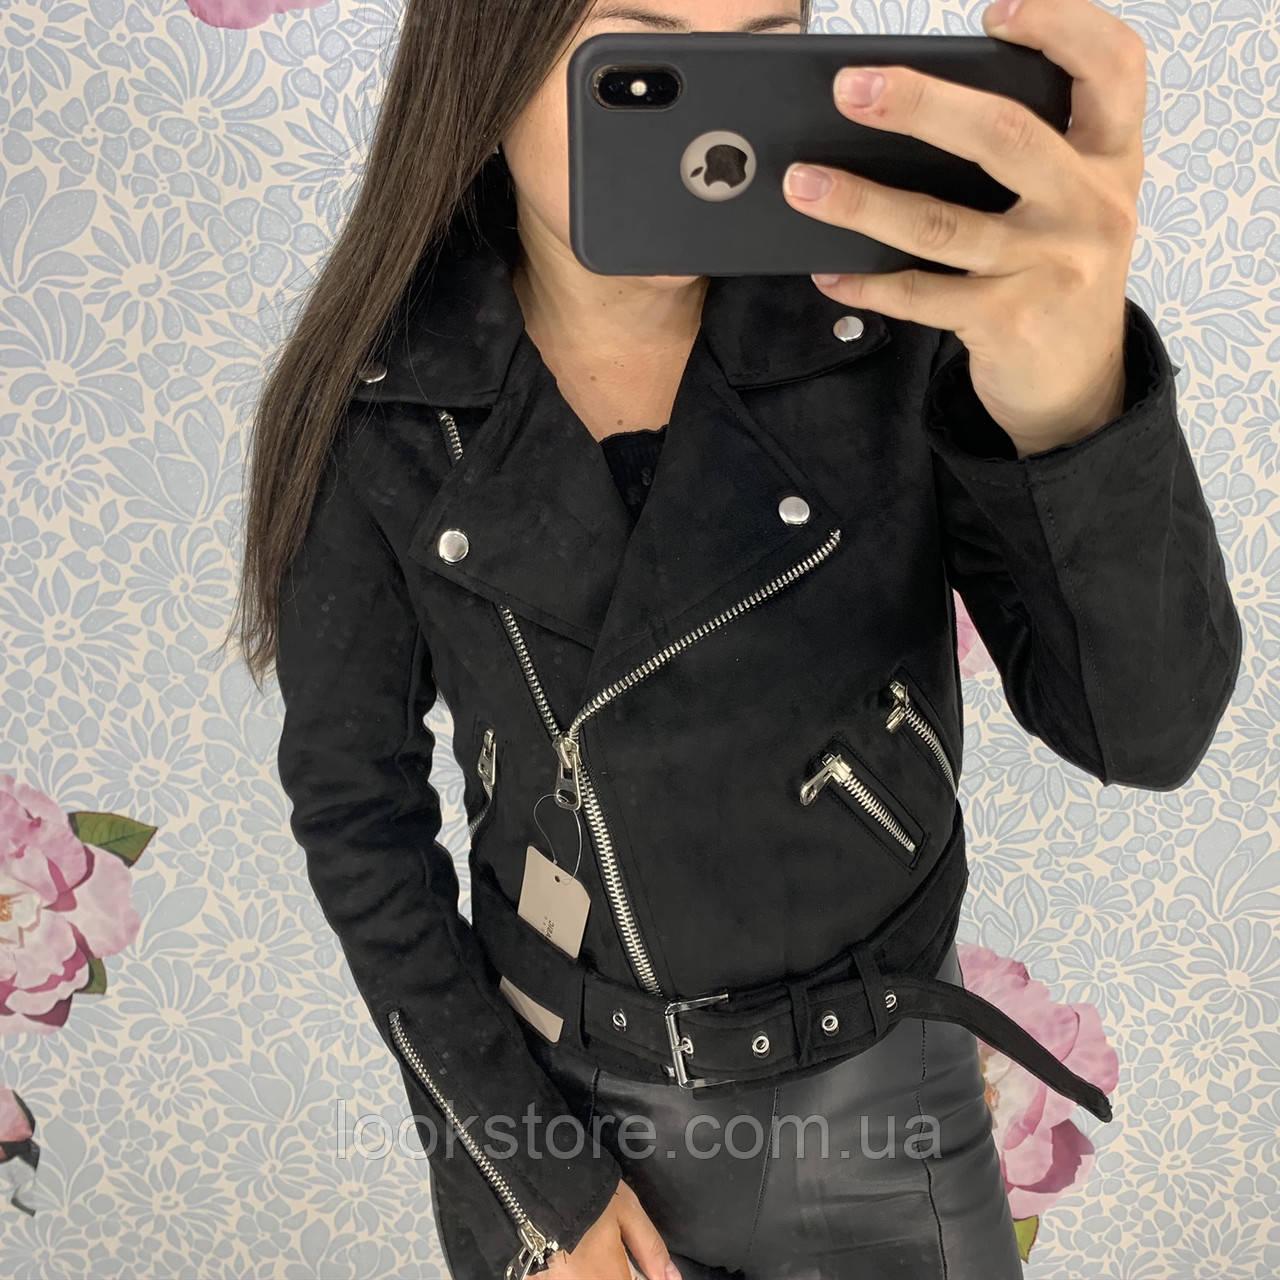 Женская замшевая куртка косуха черная S